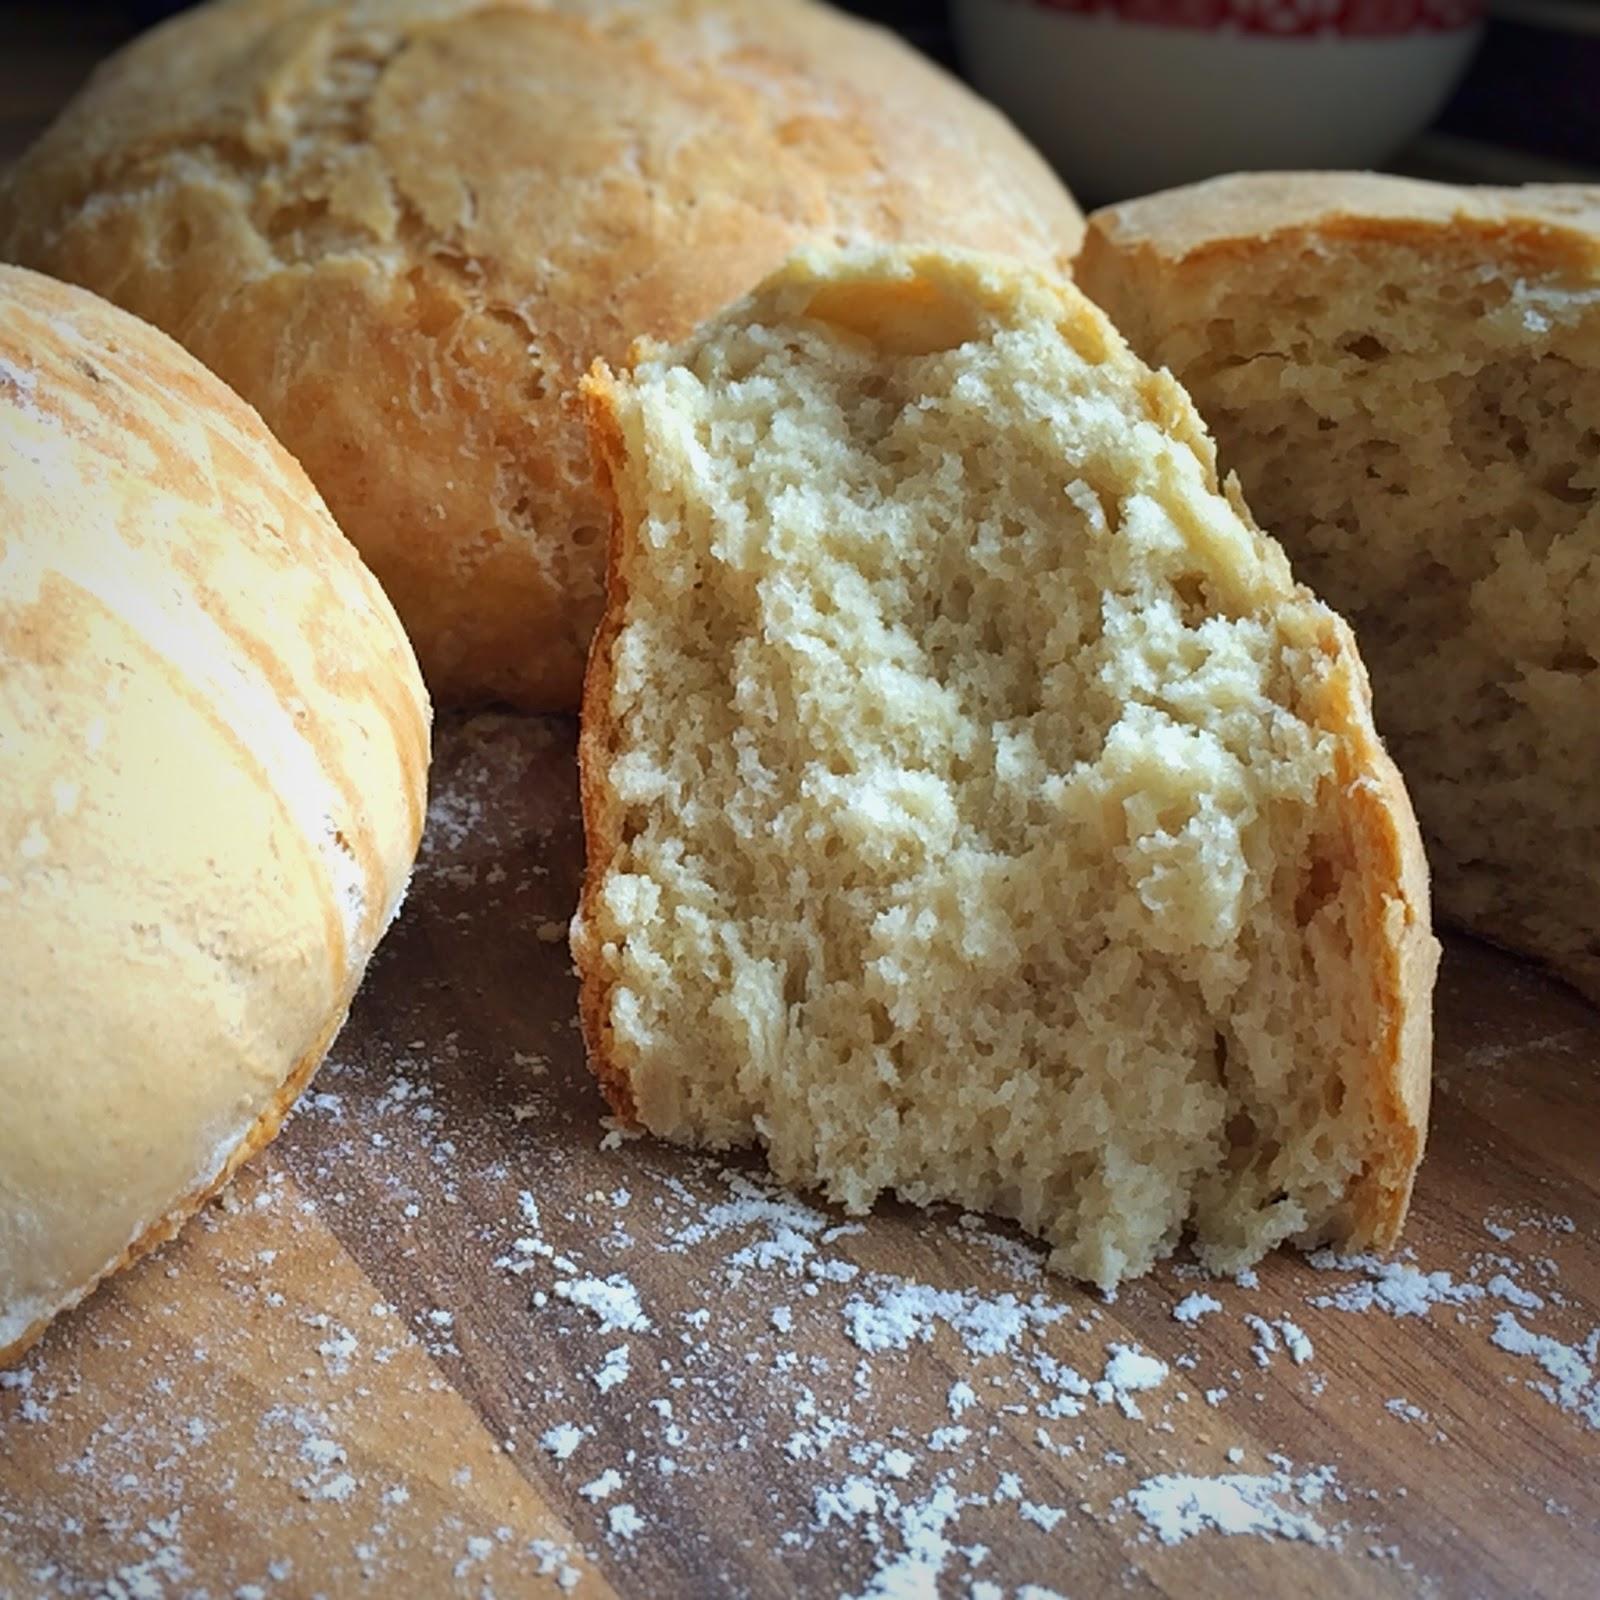 marokanski chleb wiejski, ptysiu mietowy